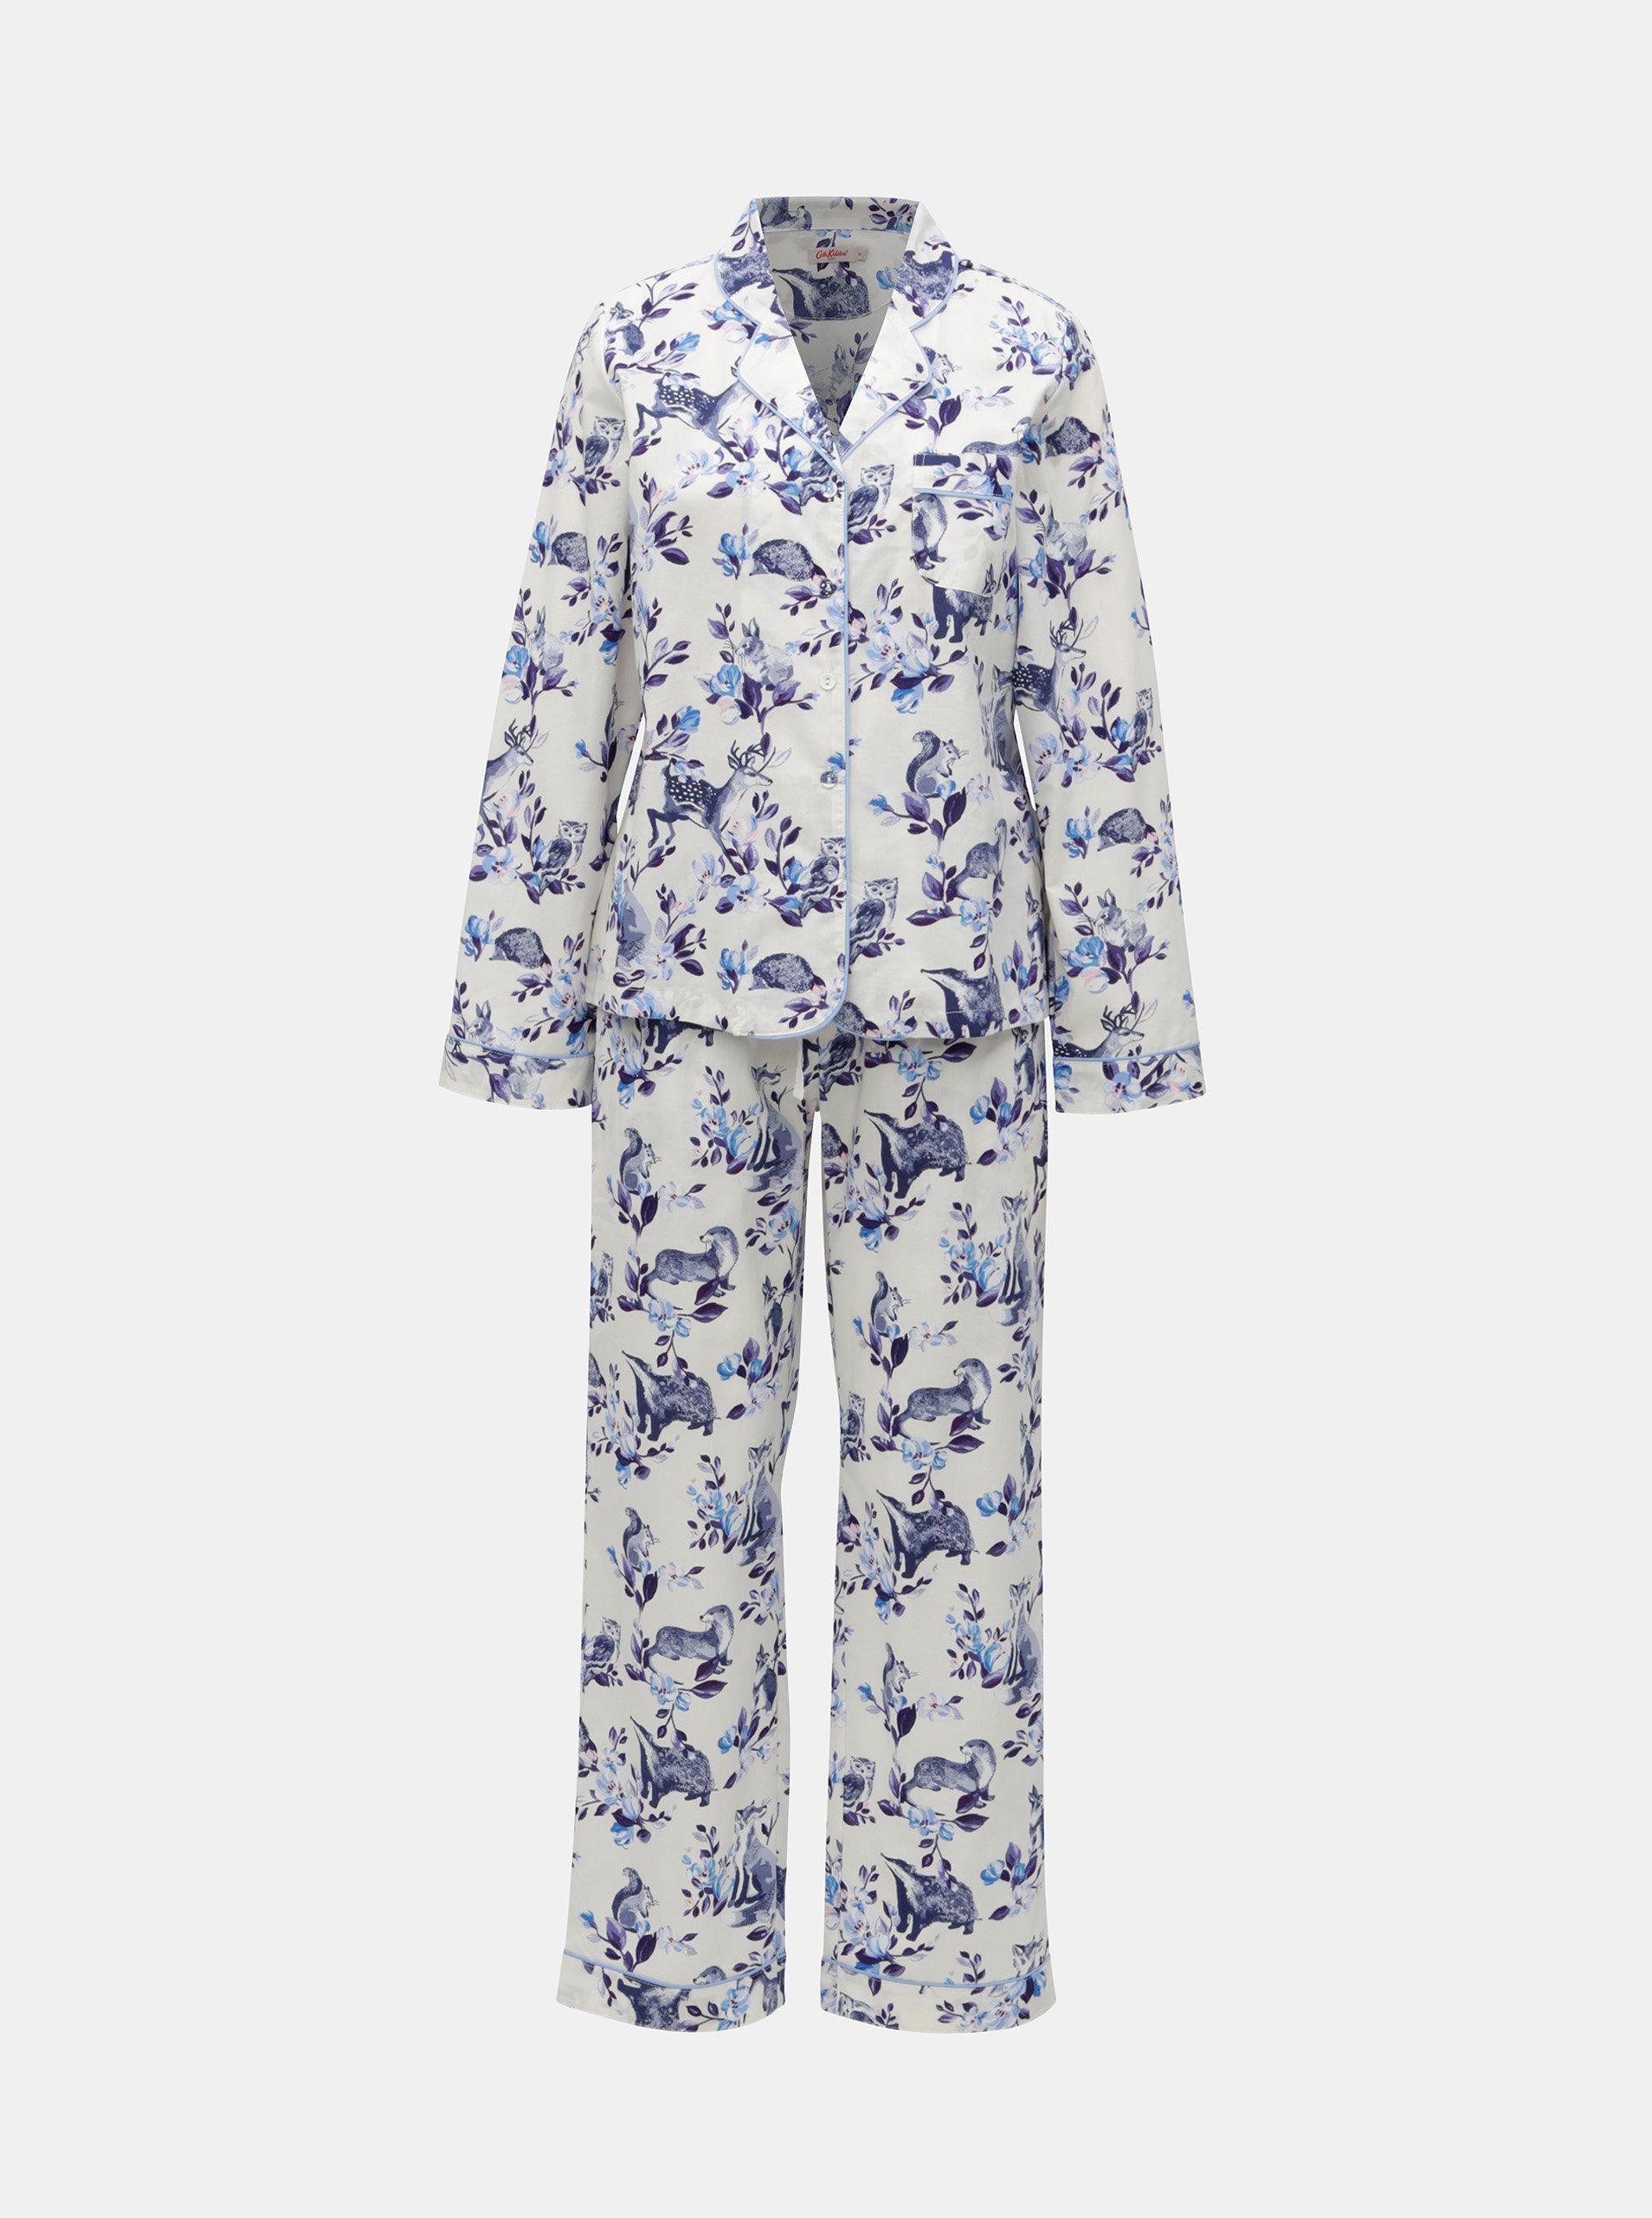 961fce386 Modro-biele dámske vzorované dvojdielne pyžamo Cath Kidston | ZOOT.sk